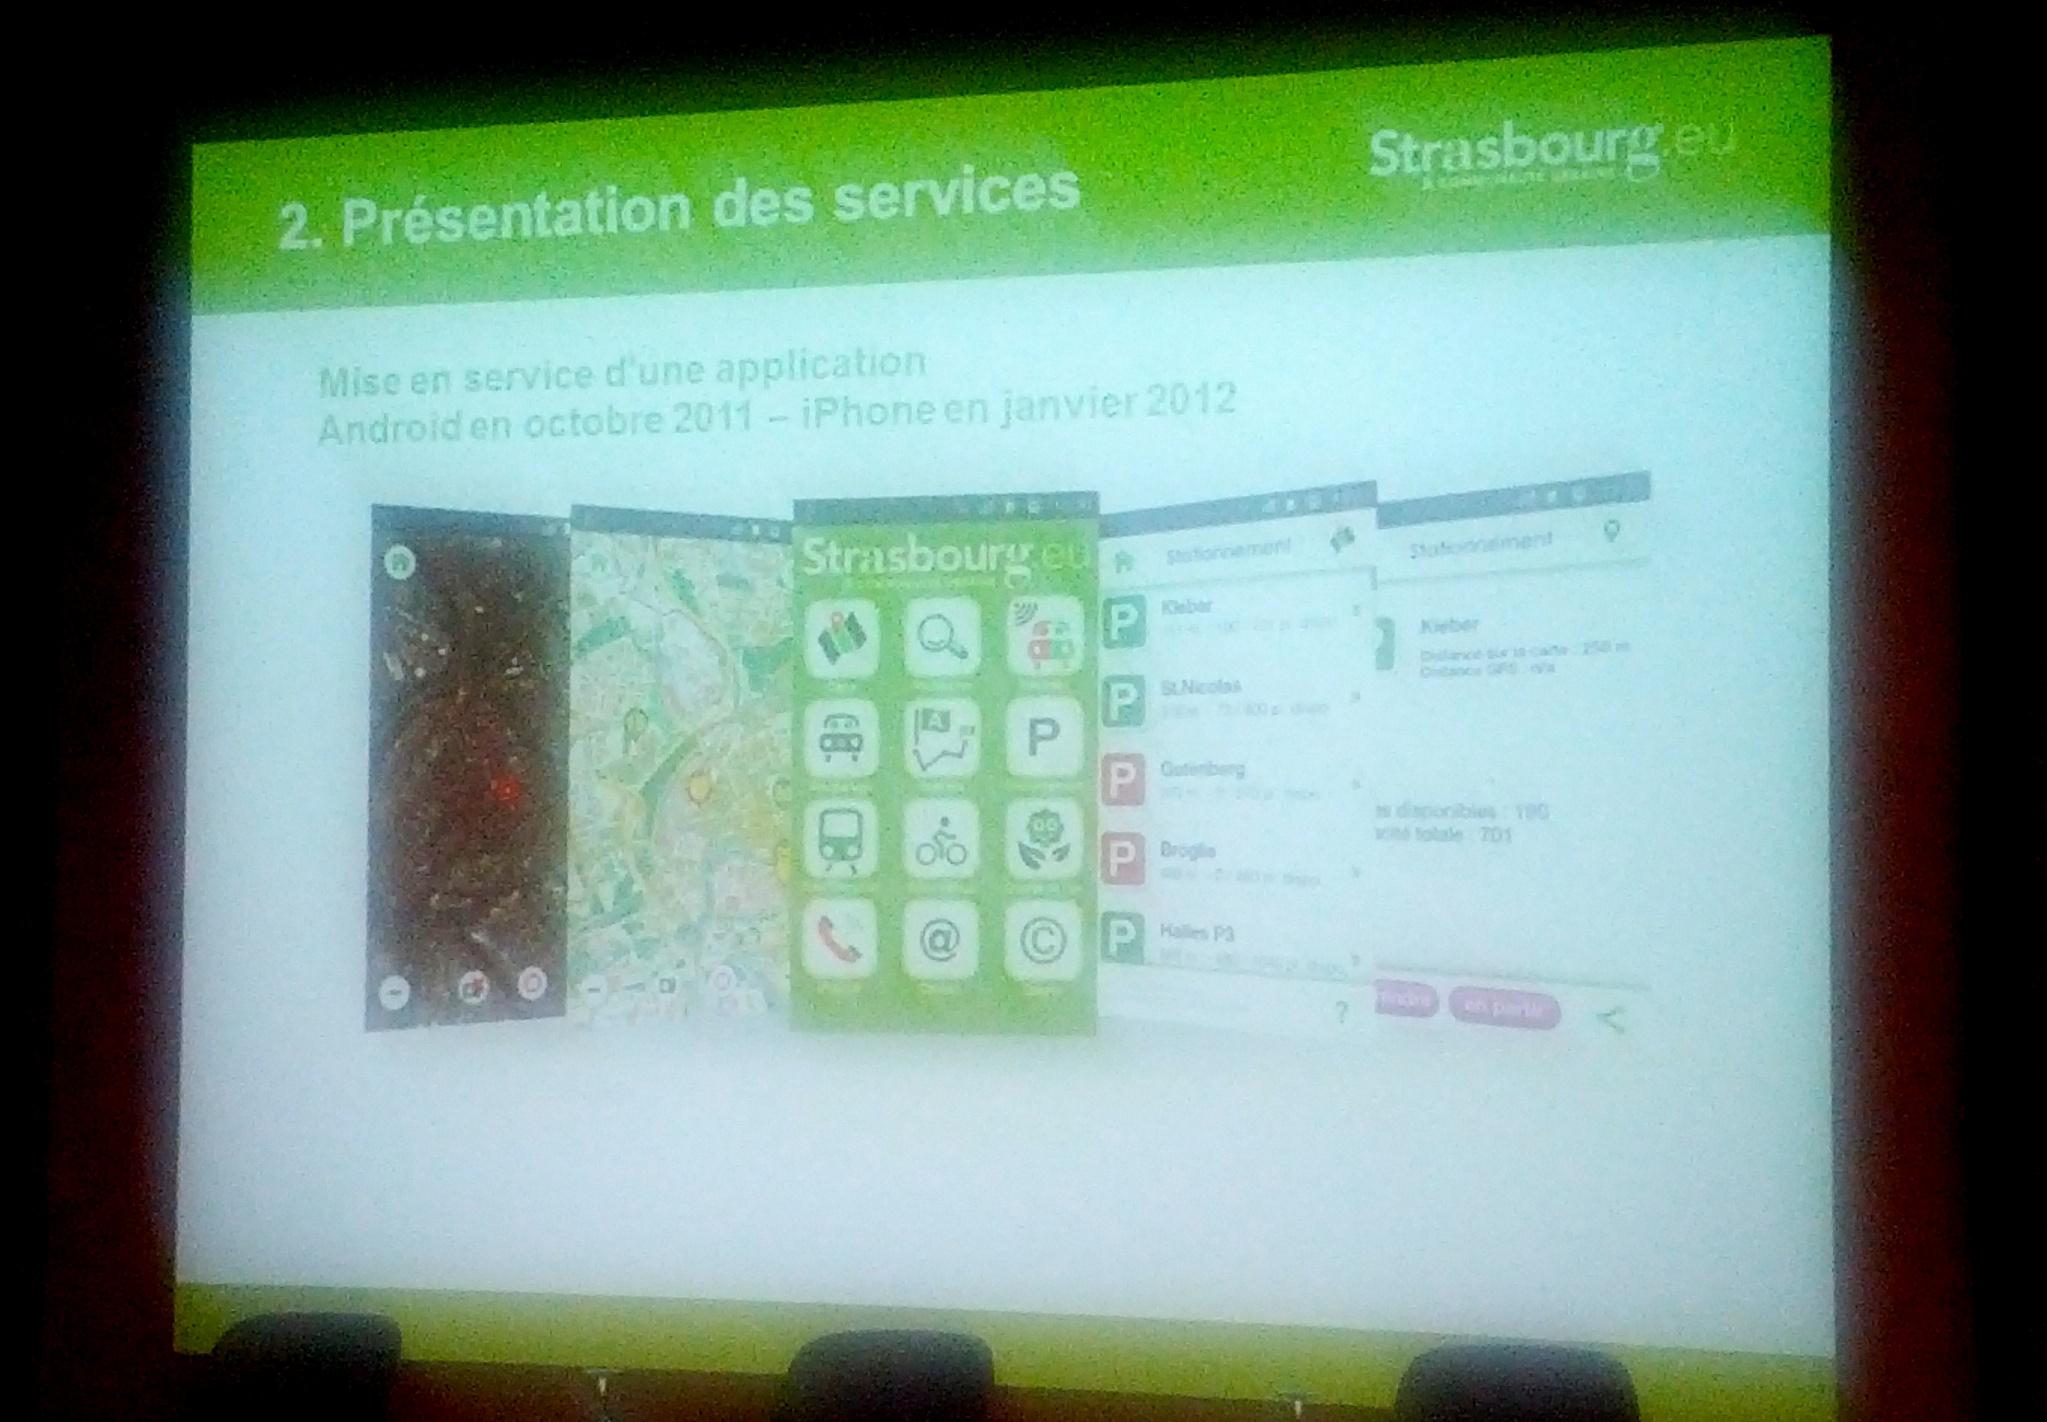 Strasmap, l'appli mobile multiservices de la Communauté Urbaine de Strasbourg